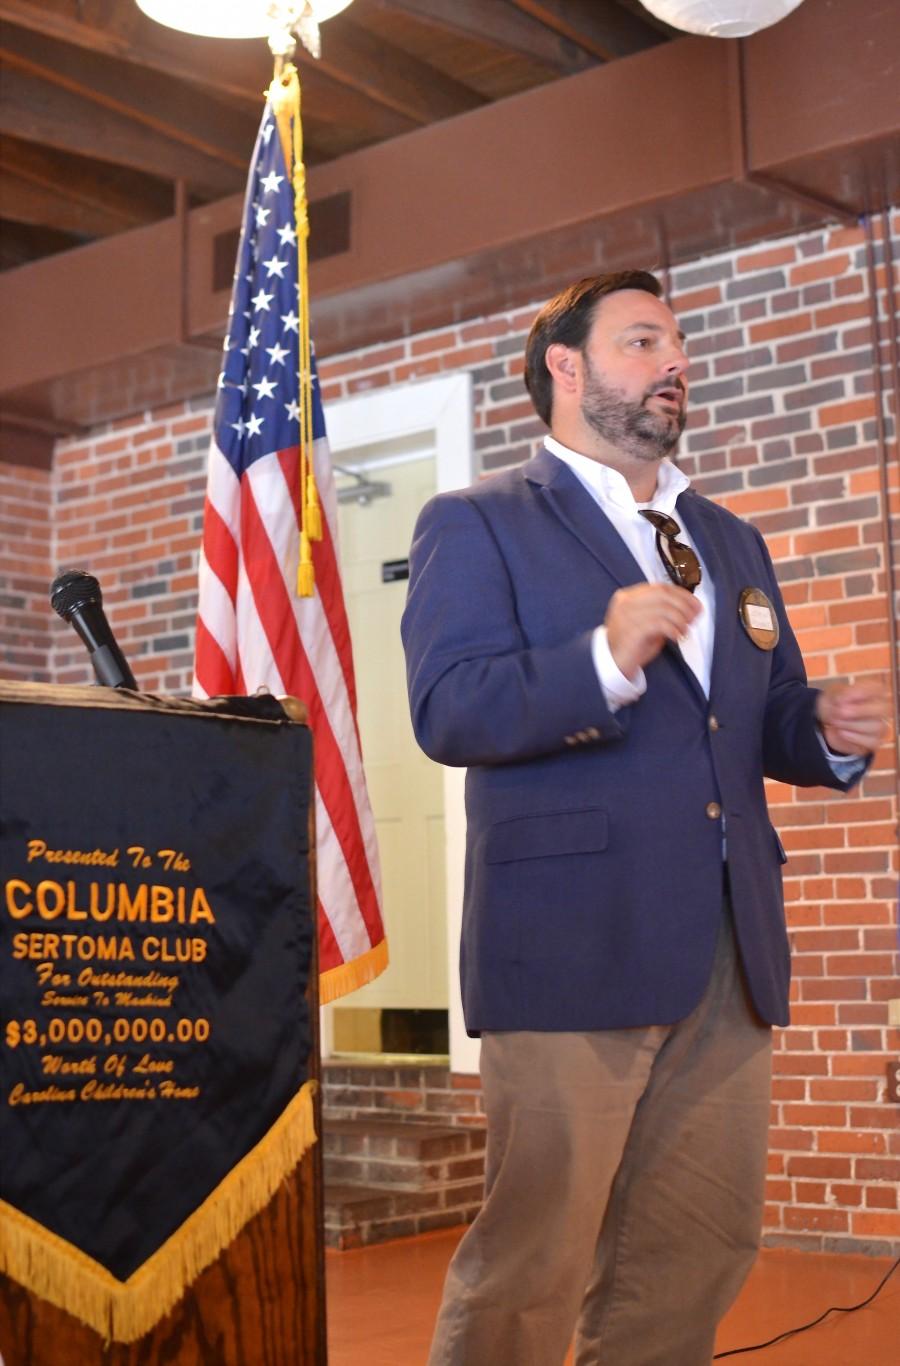 Club President John Adams Speaks to Attendees